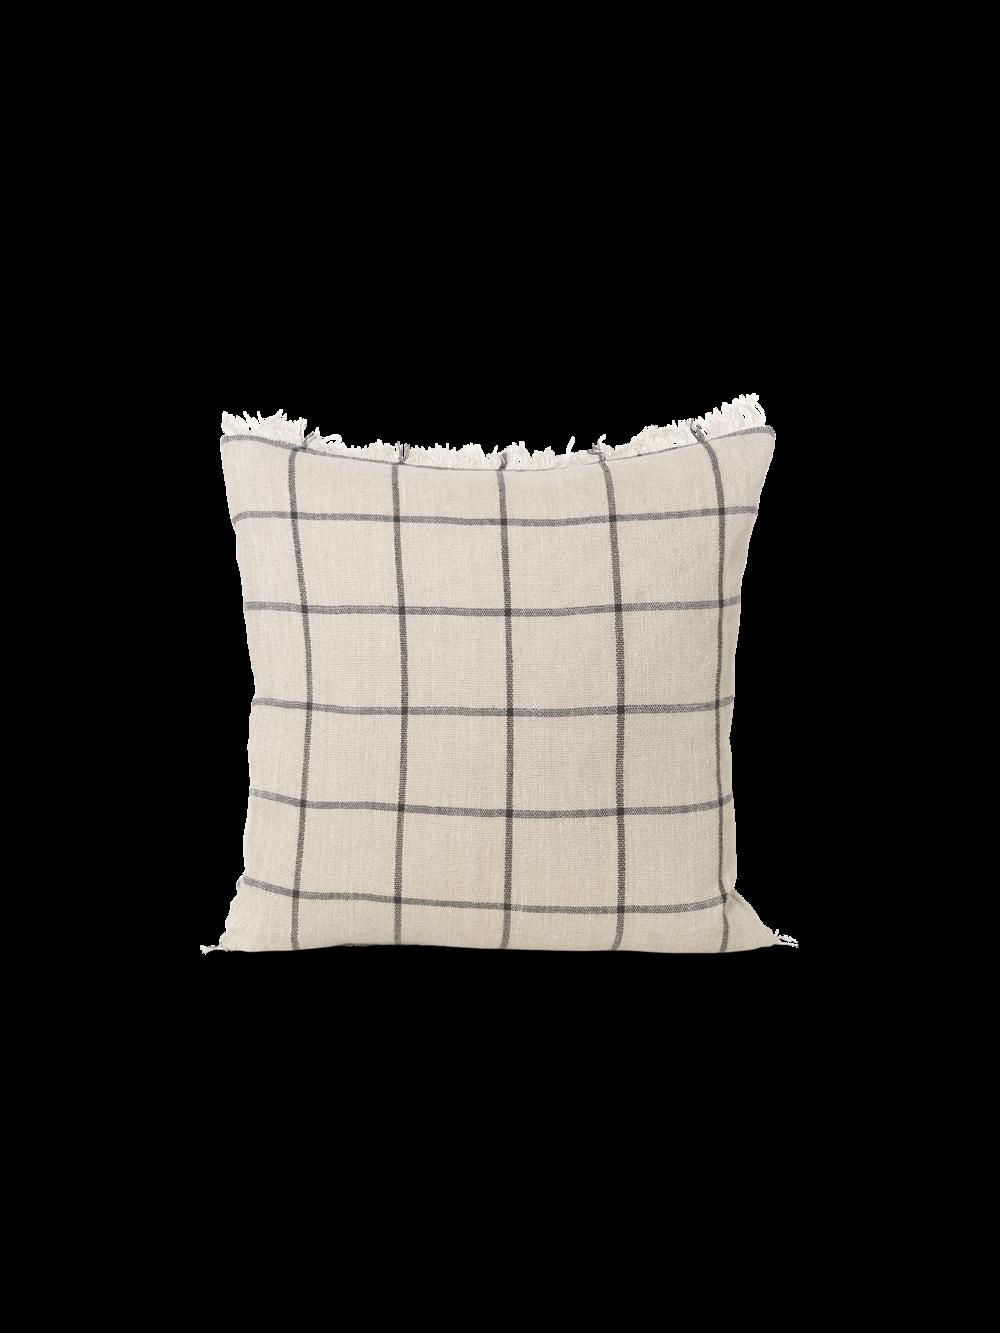 Calm Cushion - Camel/Black 50x50